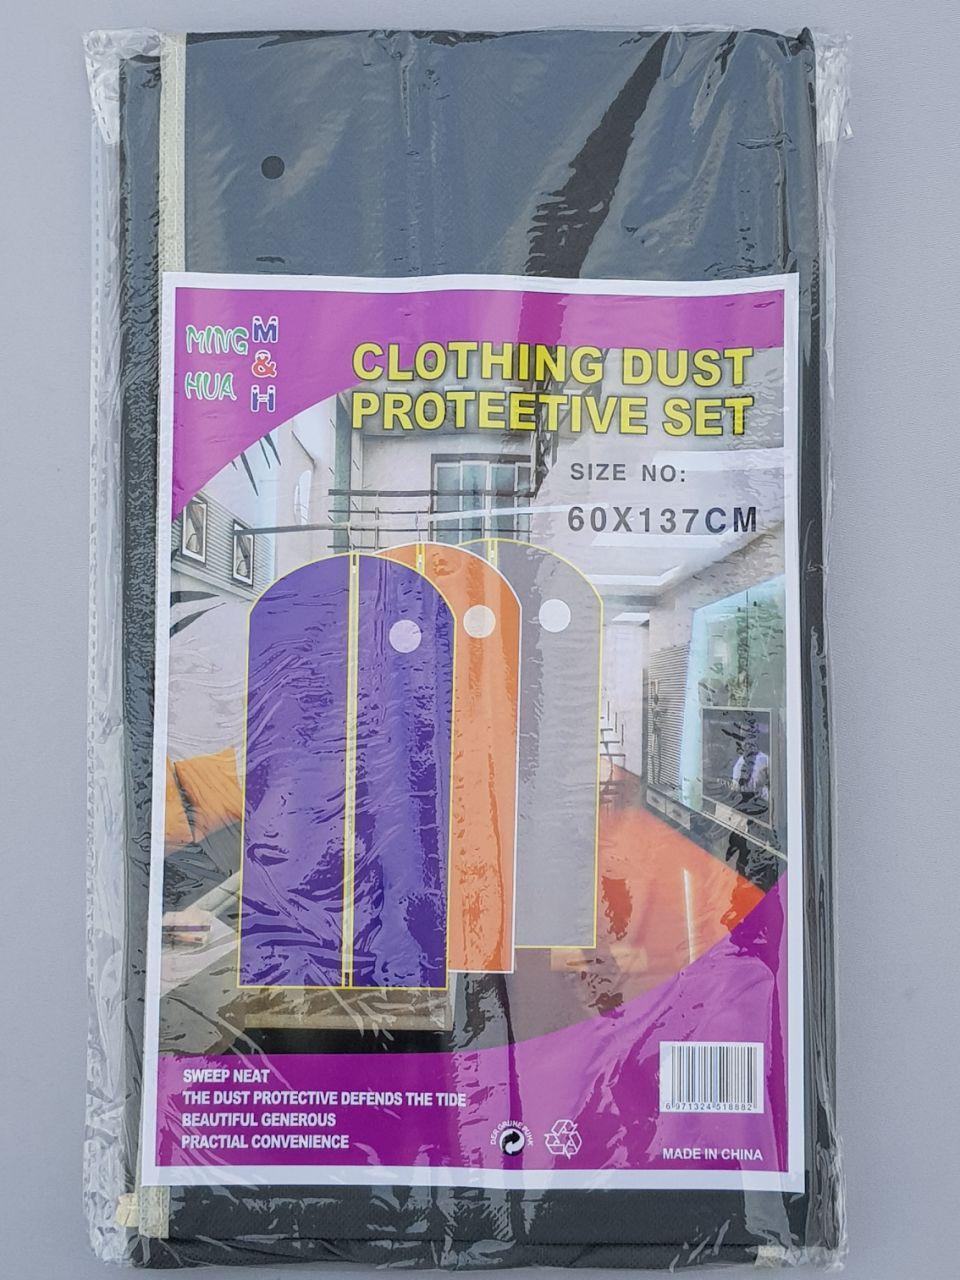 Чехол для хранения одежды флизелиновый на молнии серого цвета, размер 60*137 см